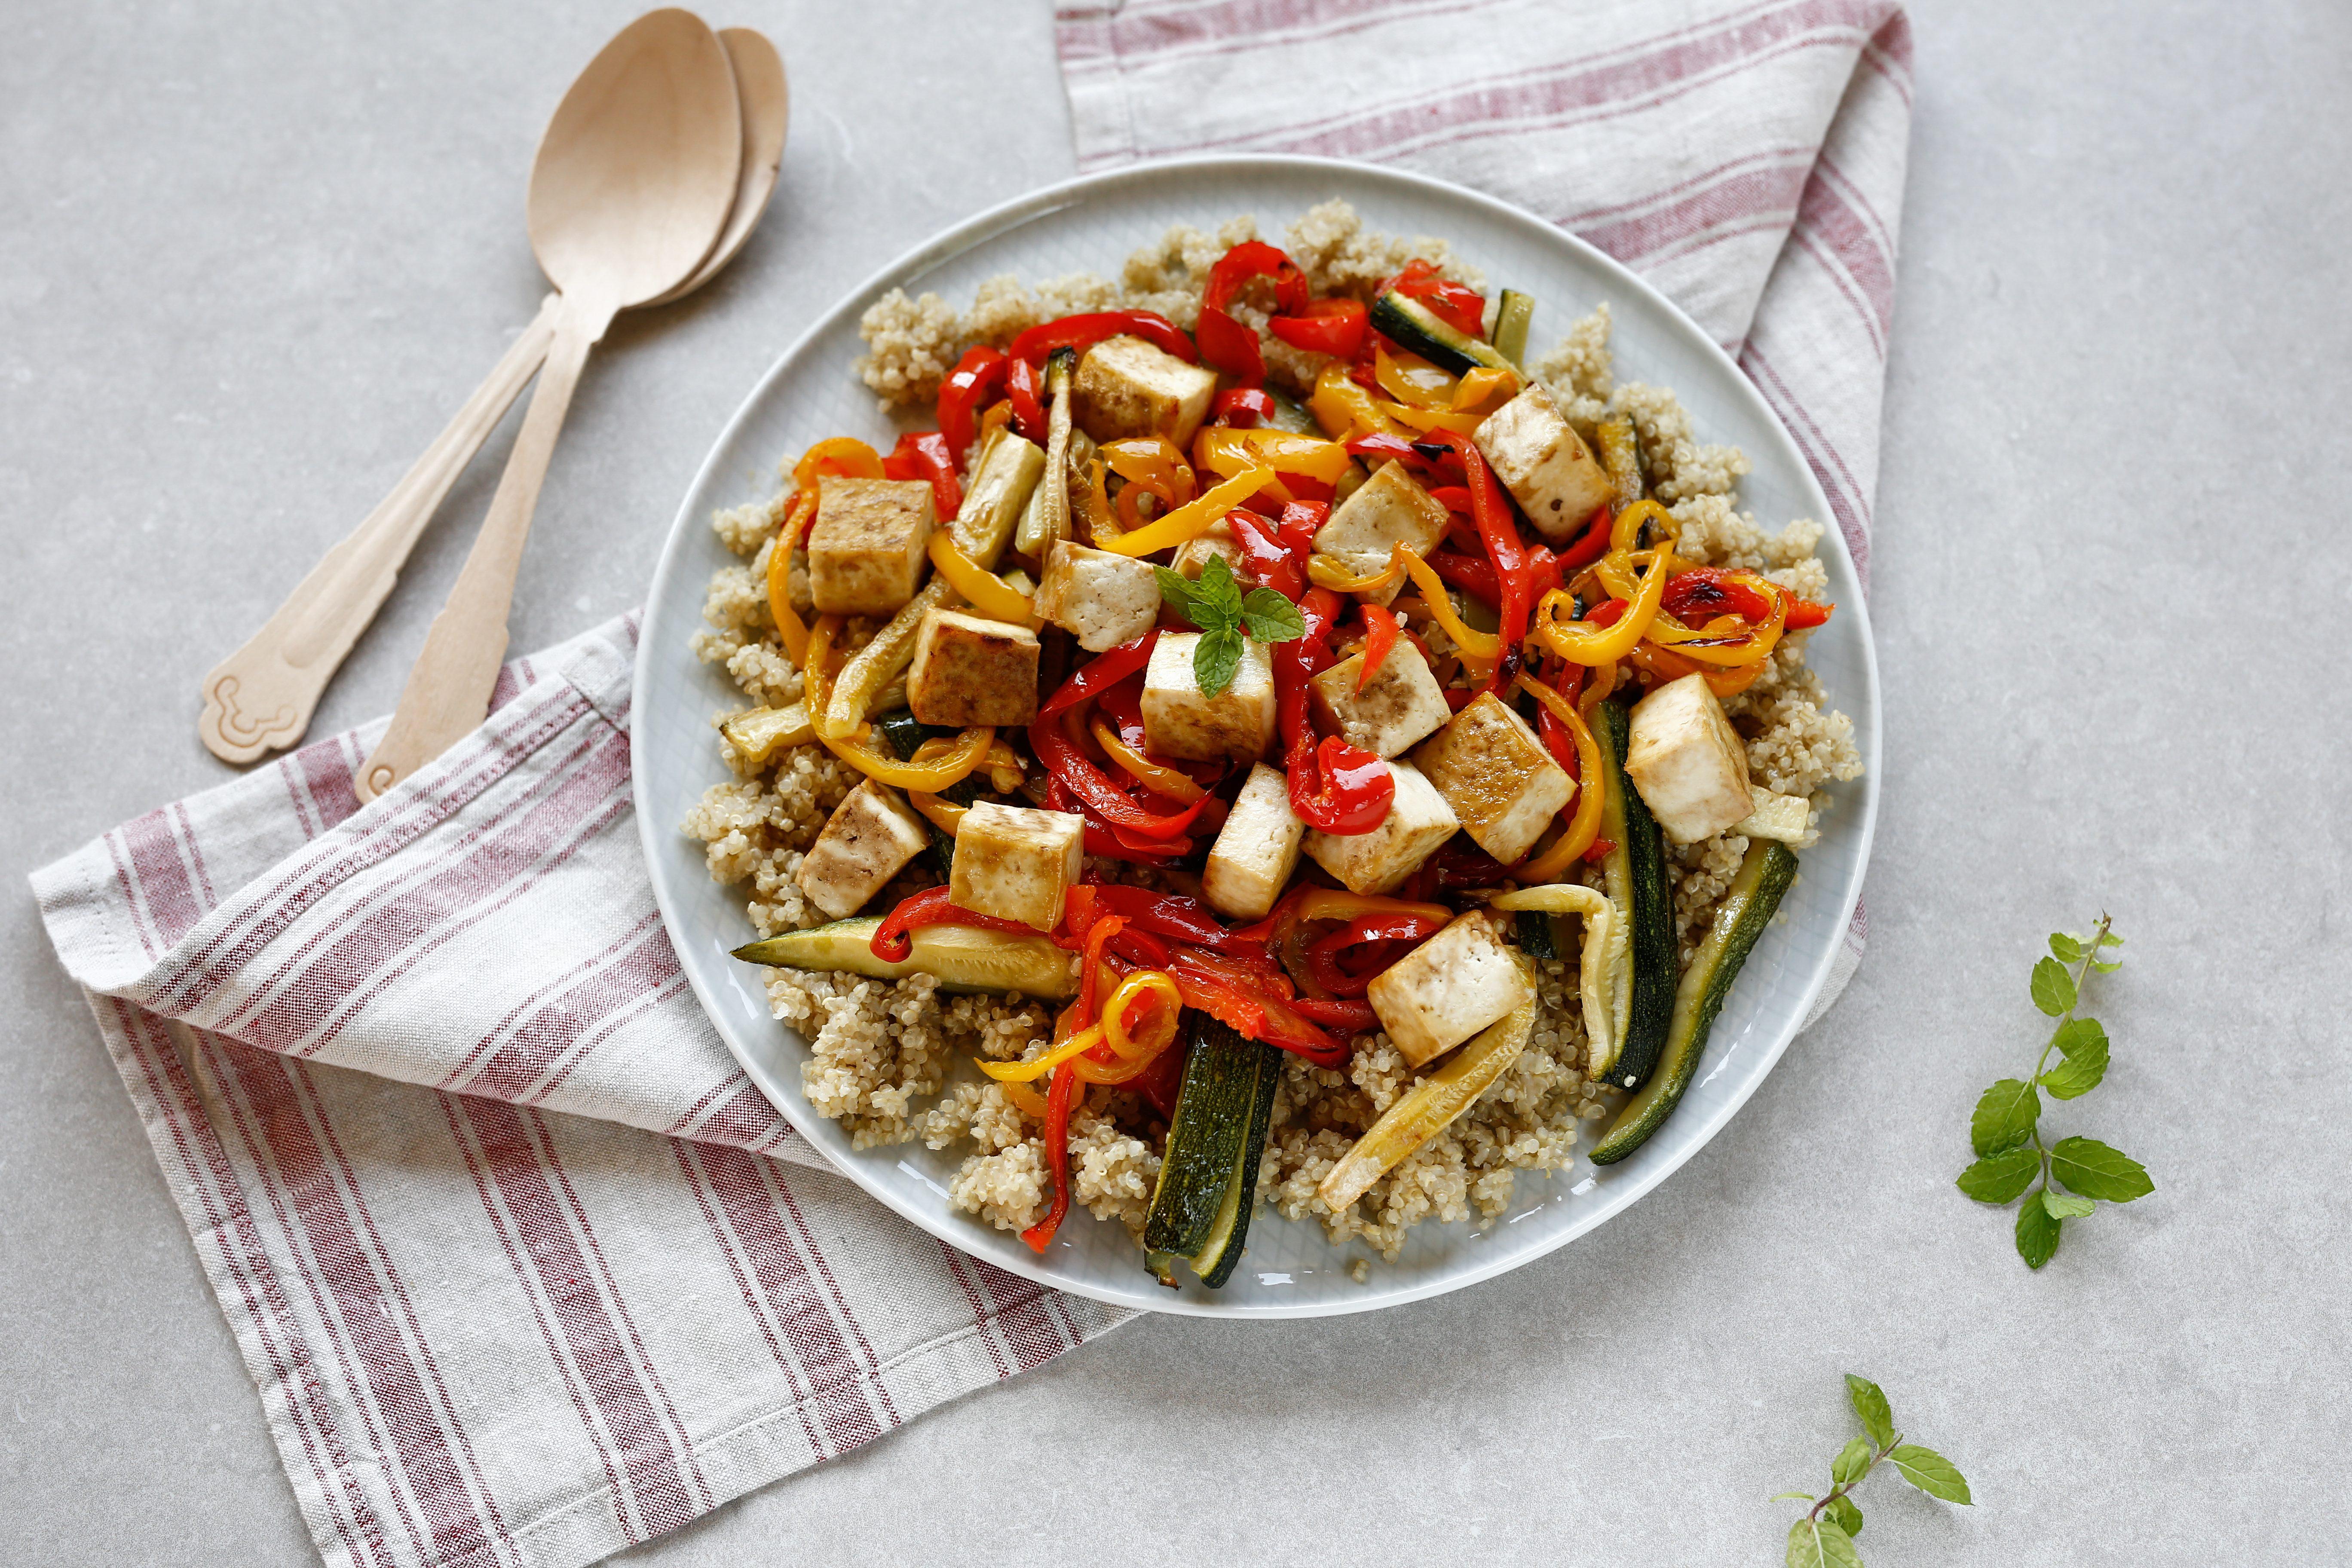 Insalata di quinoa con verdure al forno e tofu: la ricetta del piatto gustoso e bilanciato